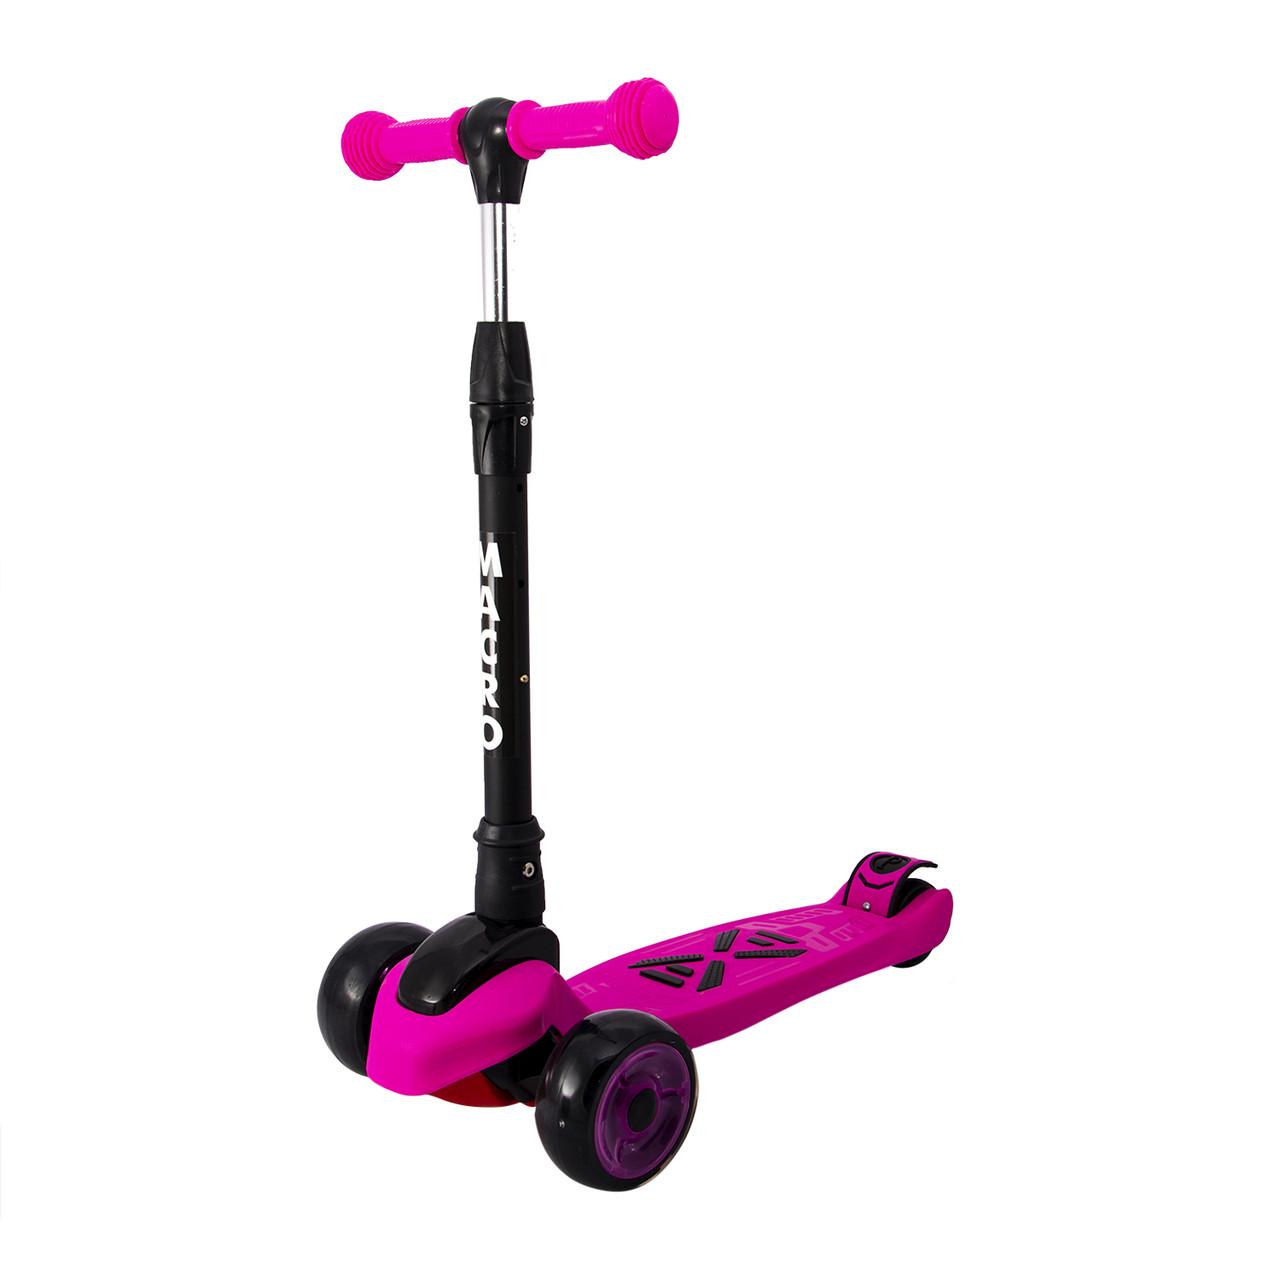 Детский трехколесный самокат Maraton Macro со светящимися колесами (розовый)